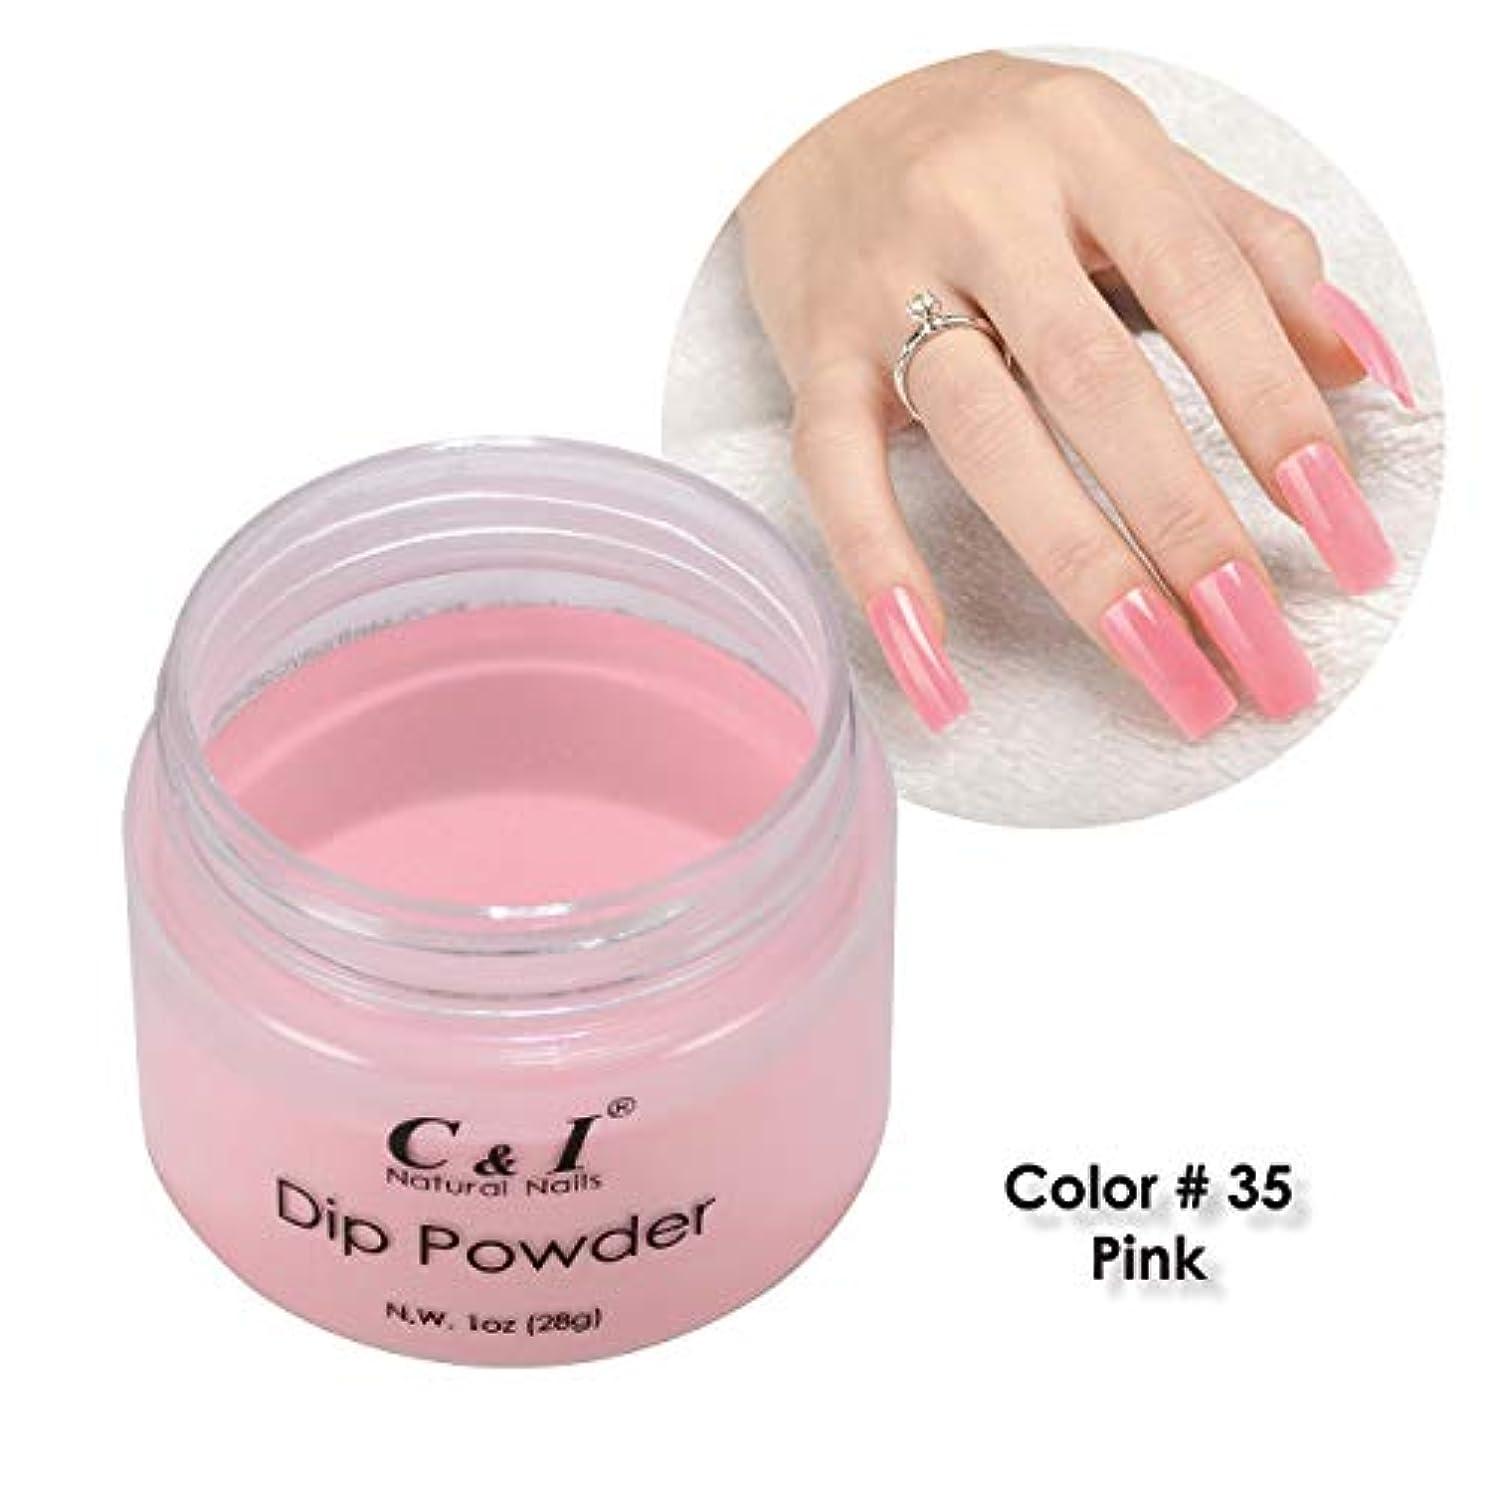 資本ピンクお嬢C&I Dip Powder ネイルディップパウダー、ネイルカラーパウダー、カラーNo.35